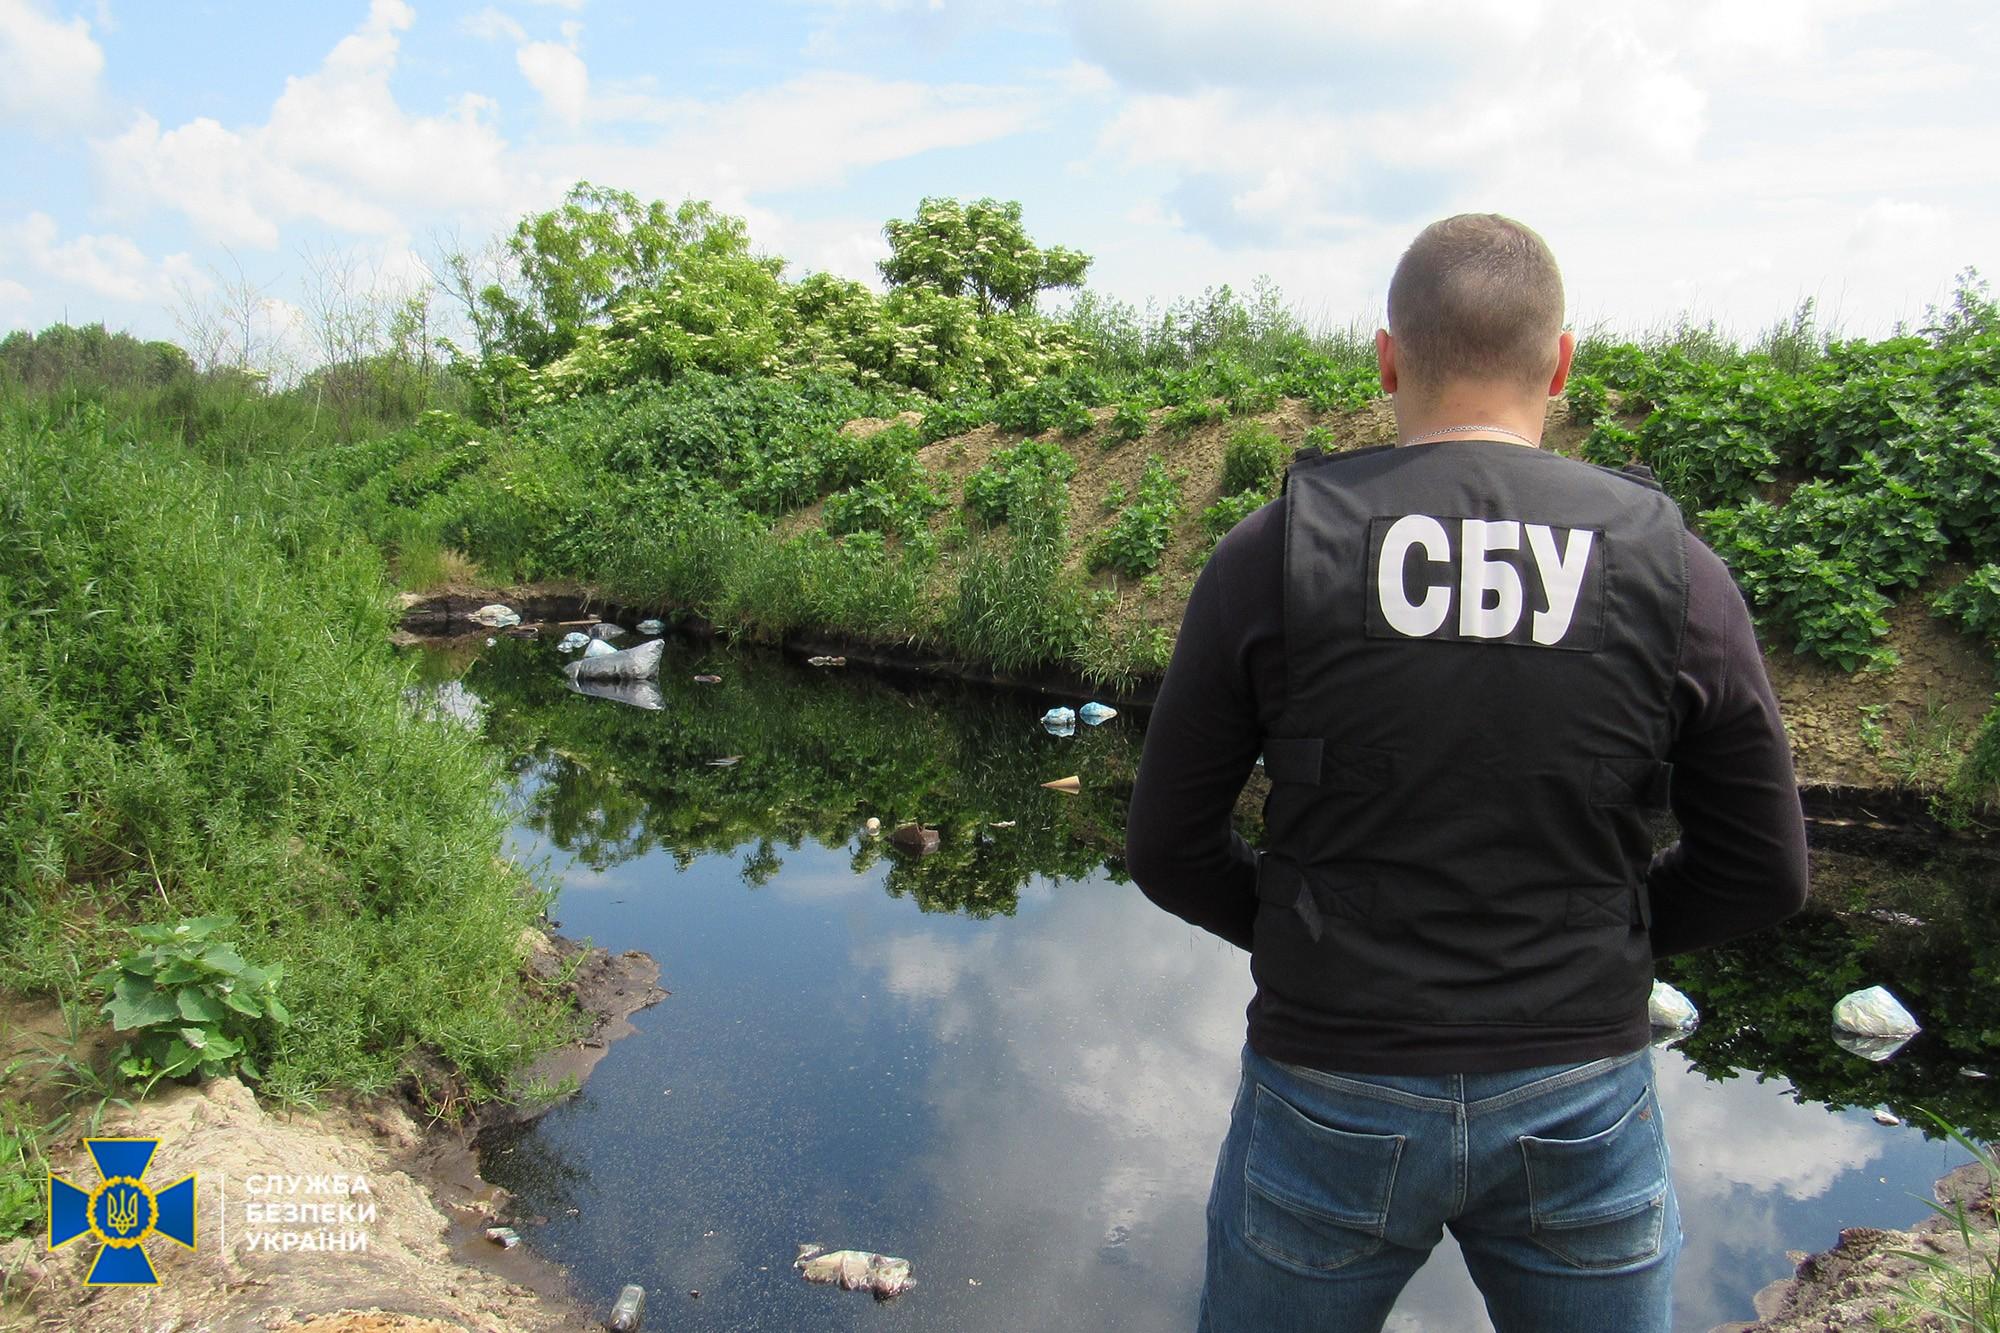 У Хмільницькому районі працівники СБУ виявили захоронення небезпечних відходів